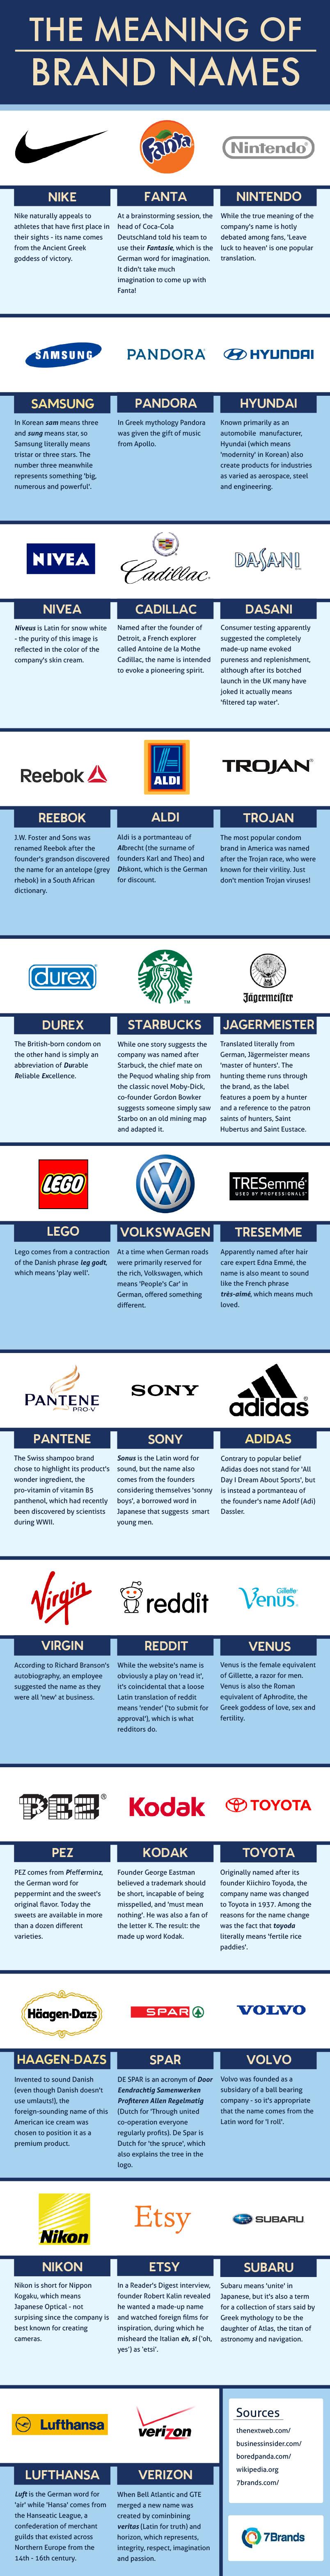 브랜드 이름의 의미